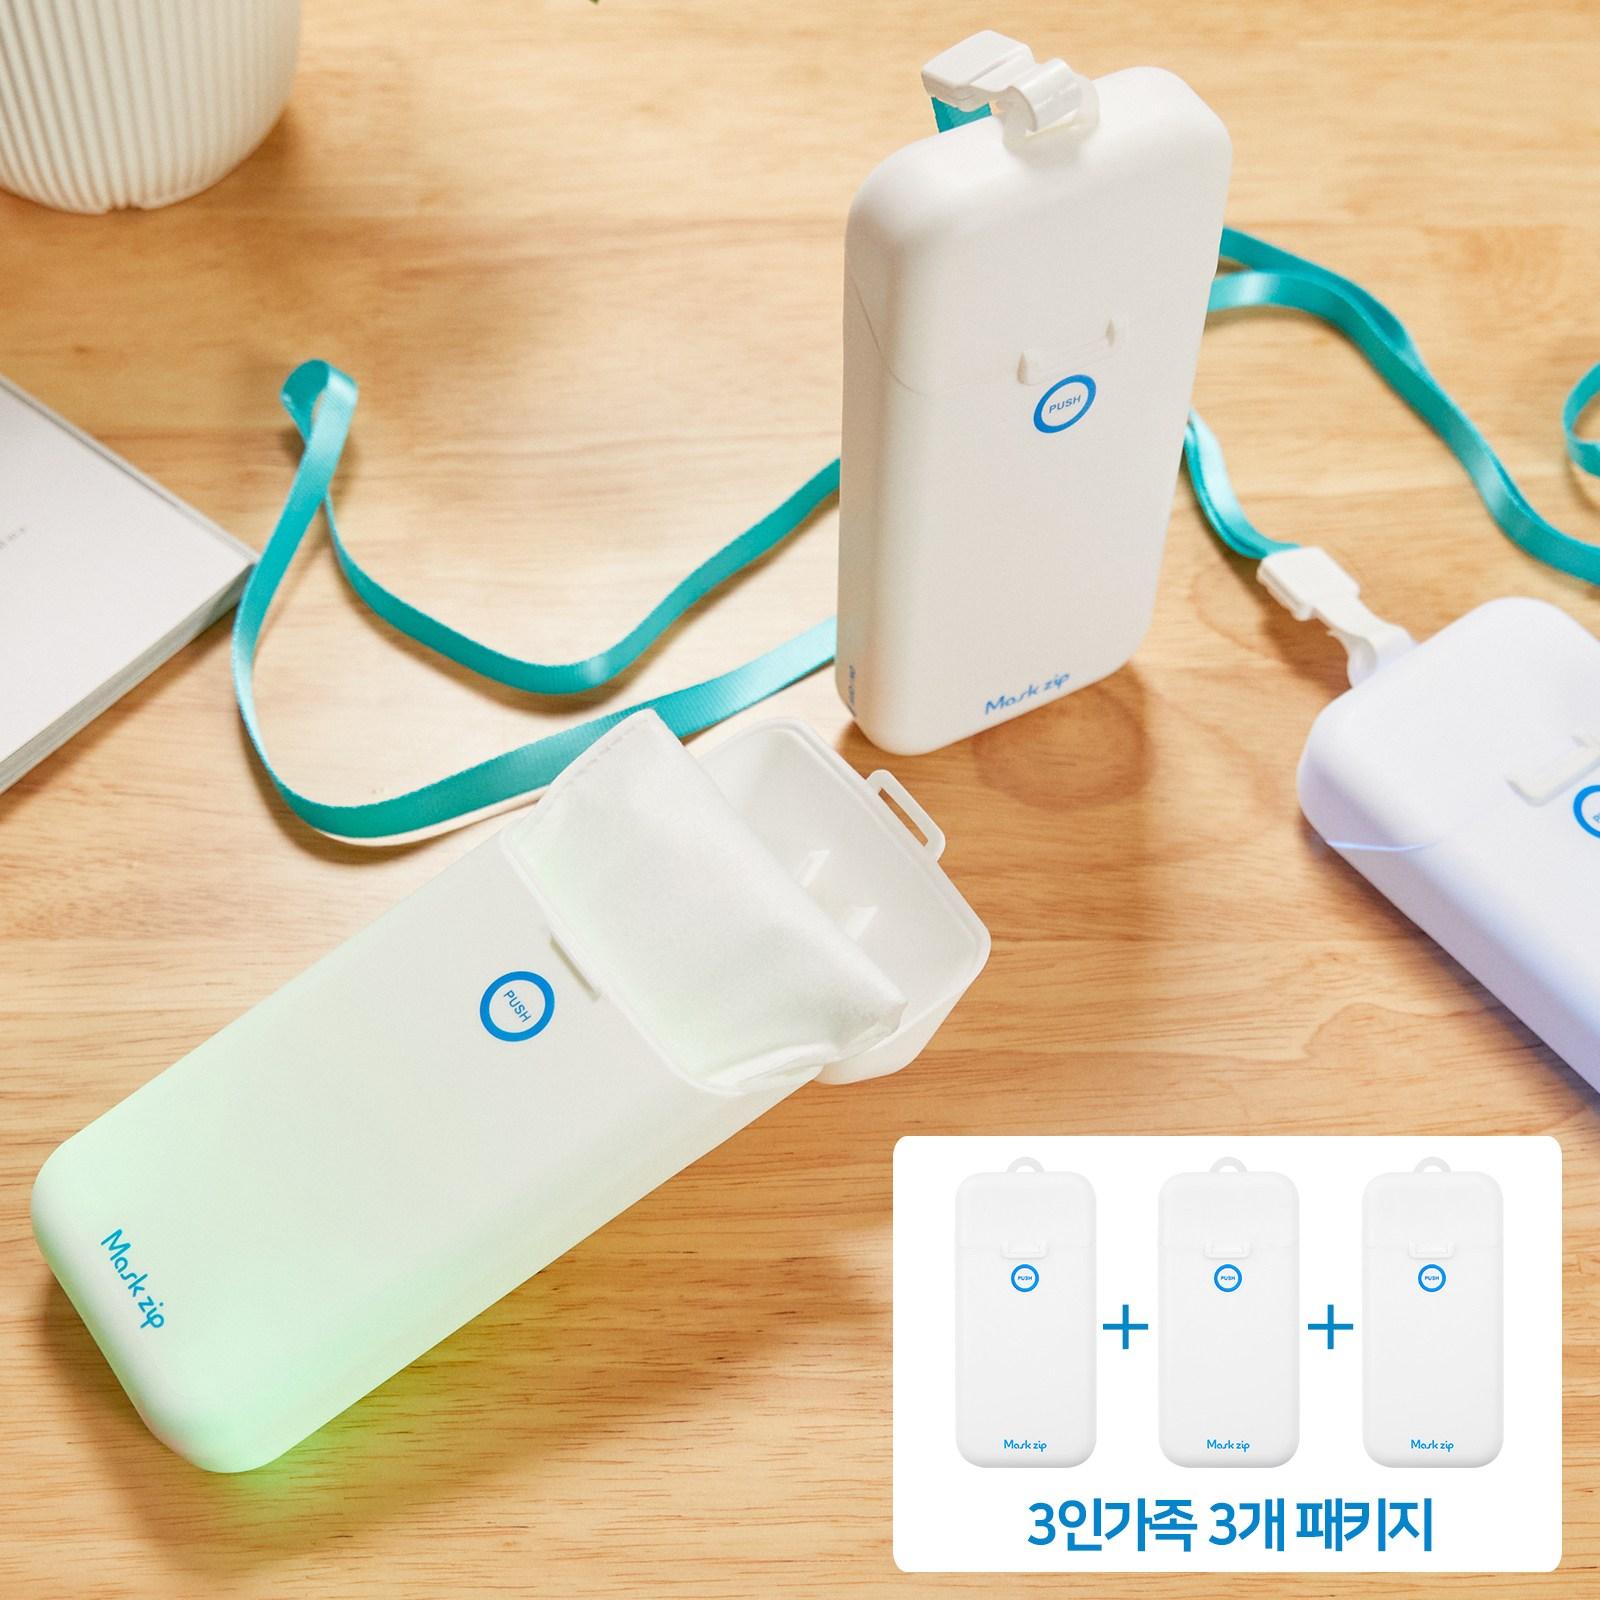 마스크 집 살균기 MZ-201 휴대용 살균 마스크 케이스 3개or4개 세트, 3인가족 3개세트